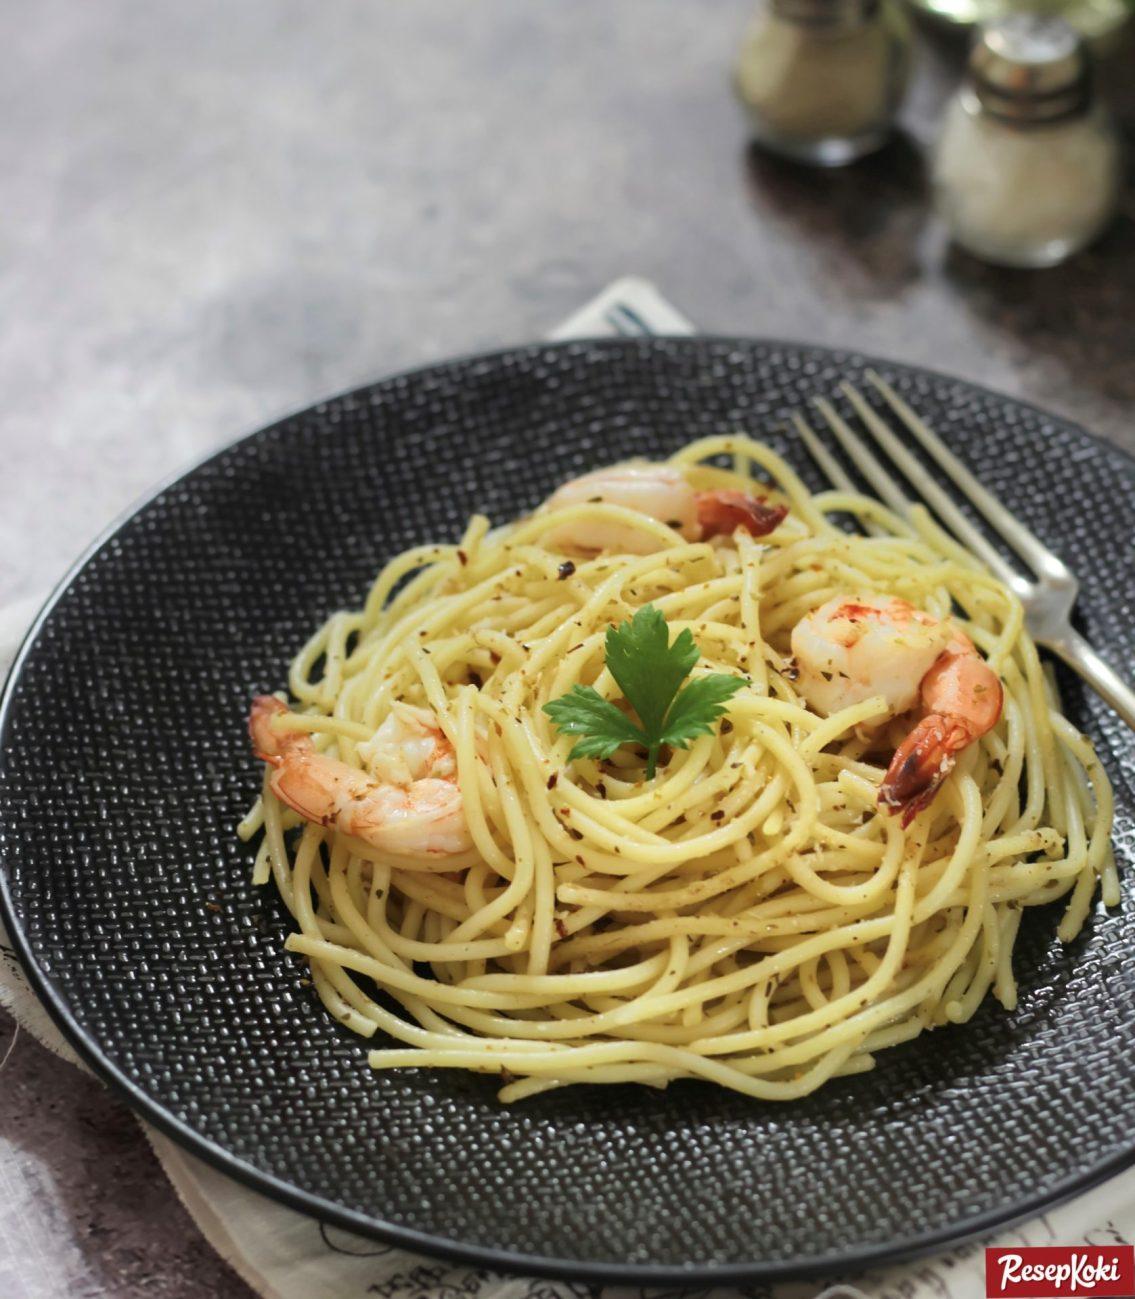 Spaghetti aglio olio simpel